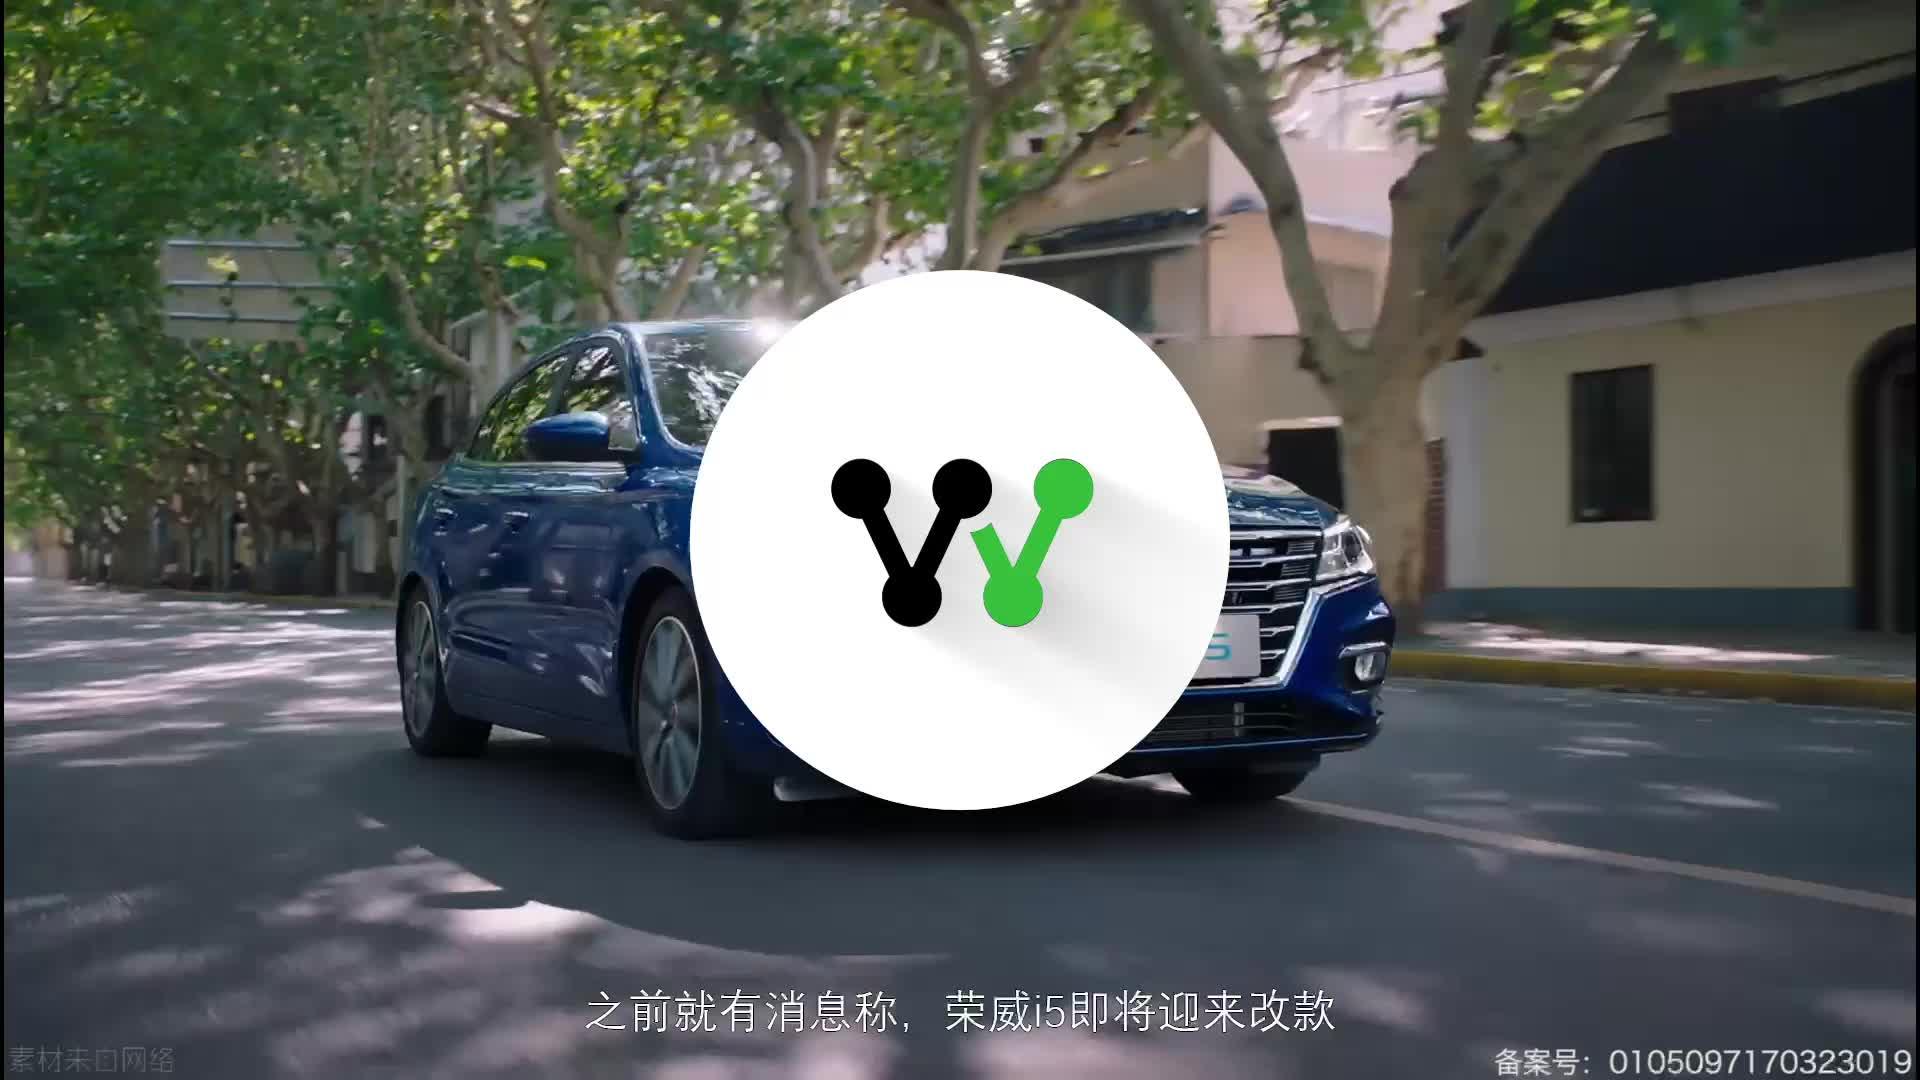 视频:新款荣威i5内饰谍照曝光 换装悬浮式中控大屏